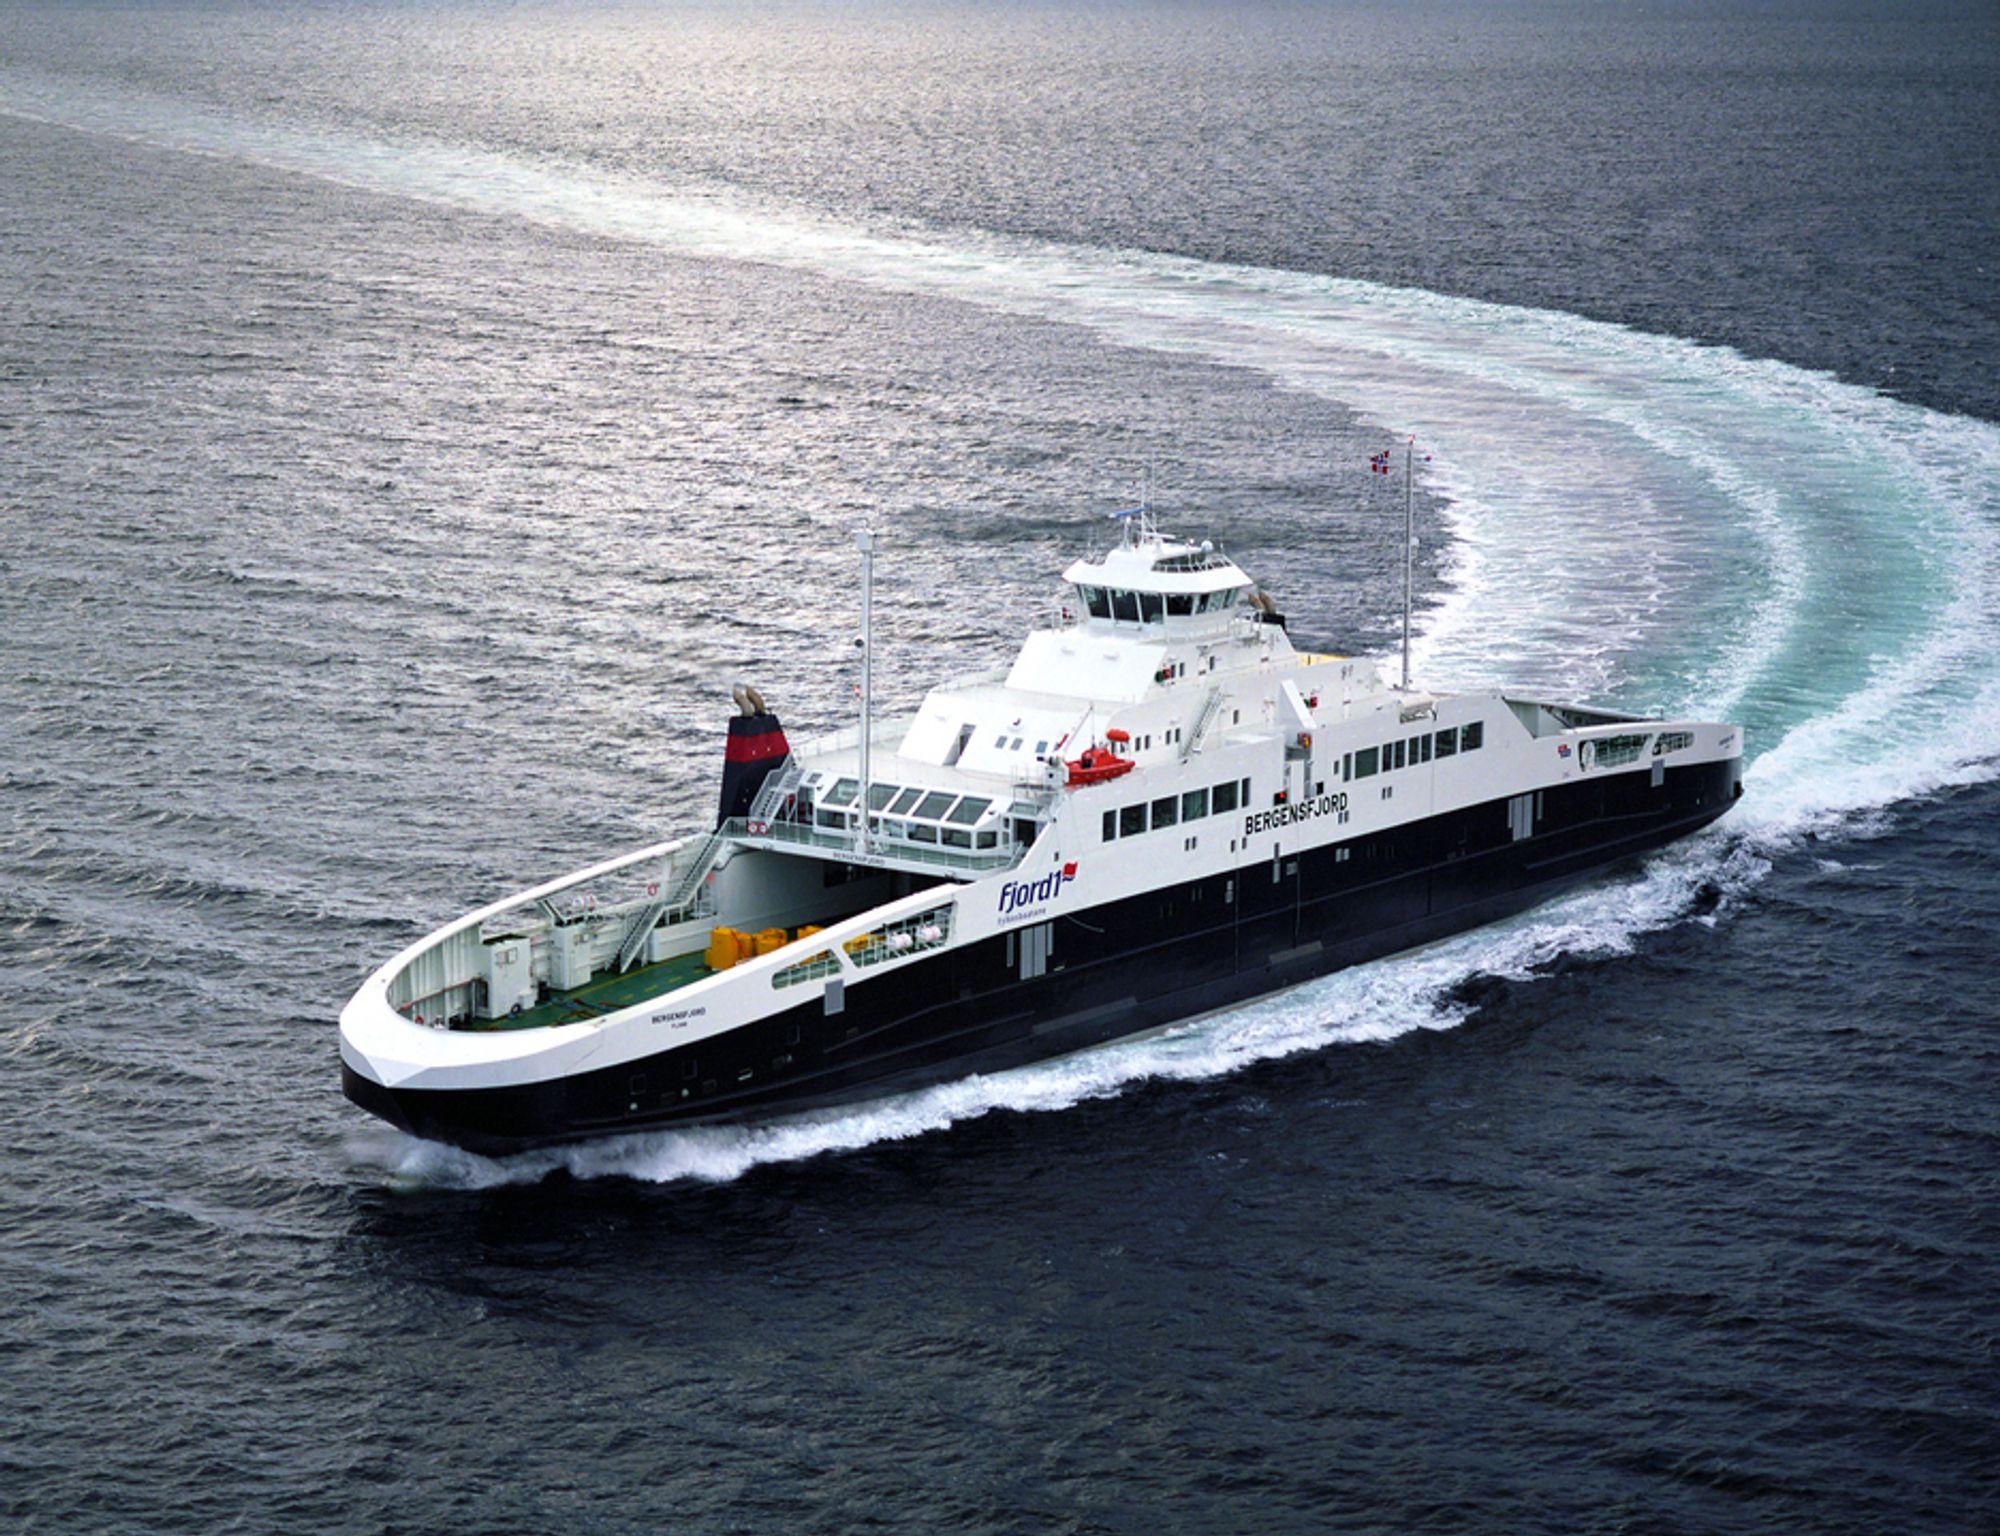 GASSFERJE: Da Bergensfjord ble levert for to år siden, fikk det sertifikat for 600 personer. Nå vil Sjøfartsdirektoratet utstede sertifikater for bare 450 passasjerer.